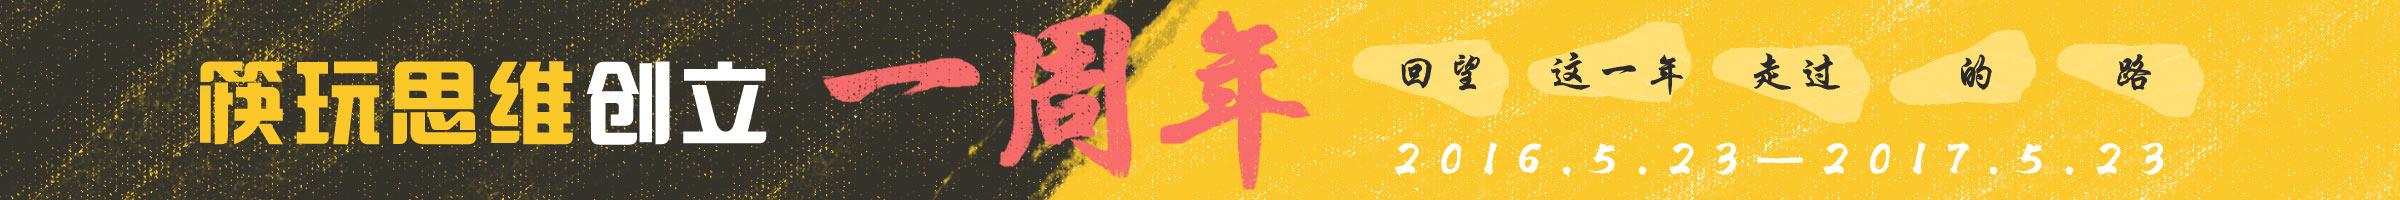 筷玩思维一周年